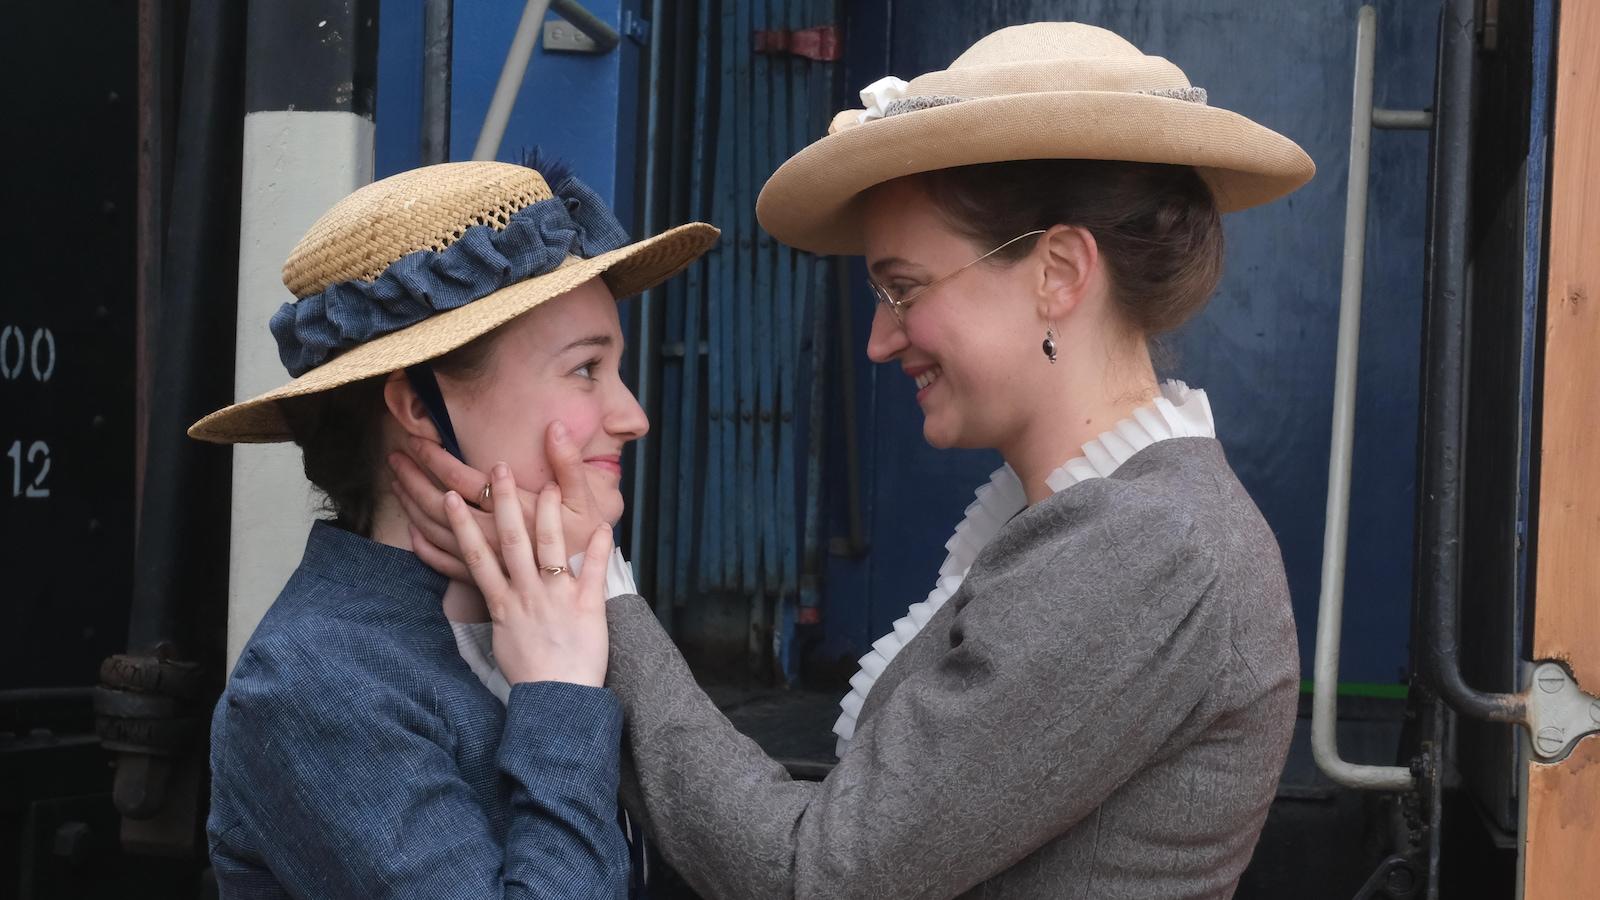 Deux femmes se regardent amoureusement devant un train dans des costumes d'époque.